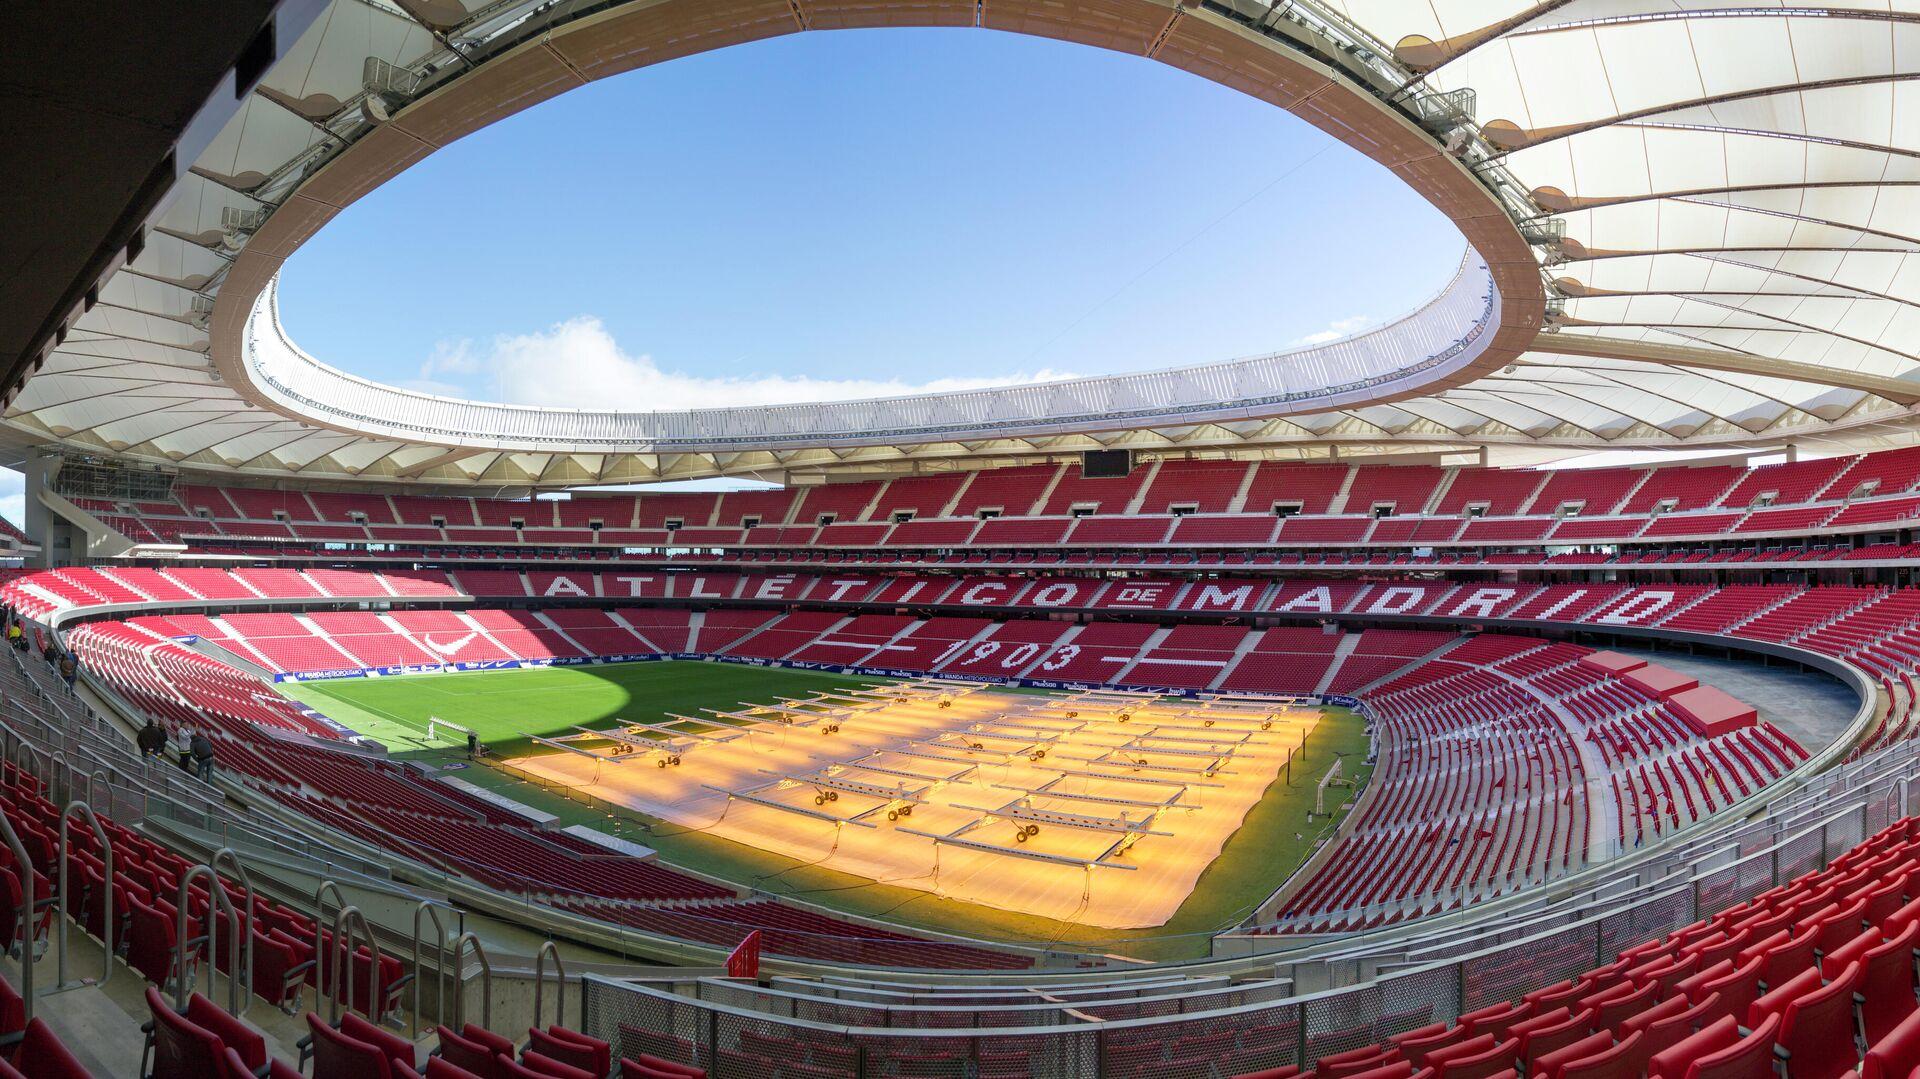 El estadio Wanda Metropolitano, cancha del Atlético de Madrid - Sputnik Mundo, 1920, 25.02.2021